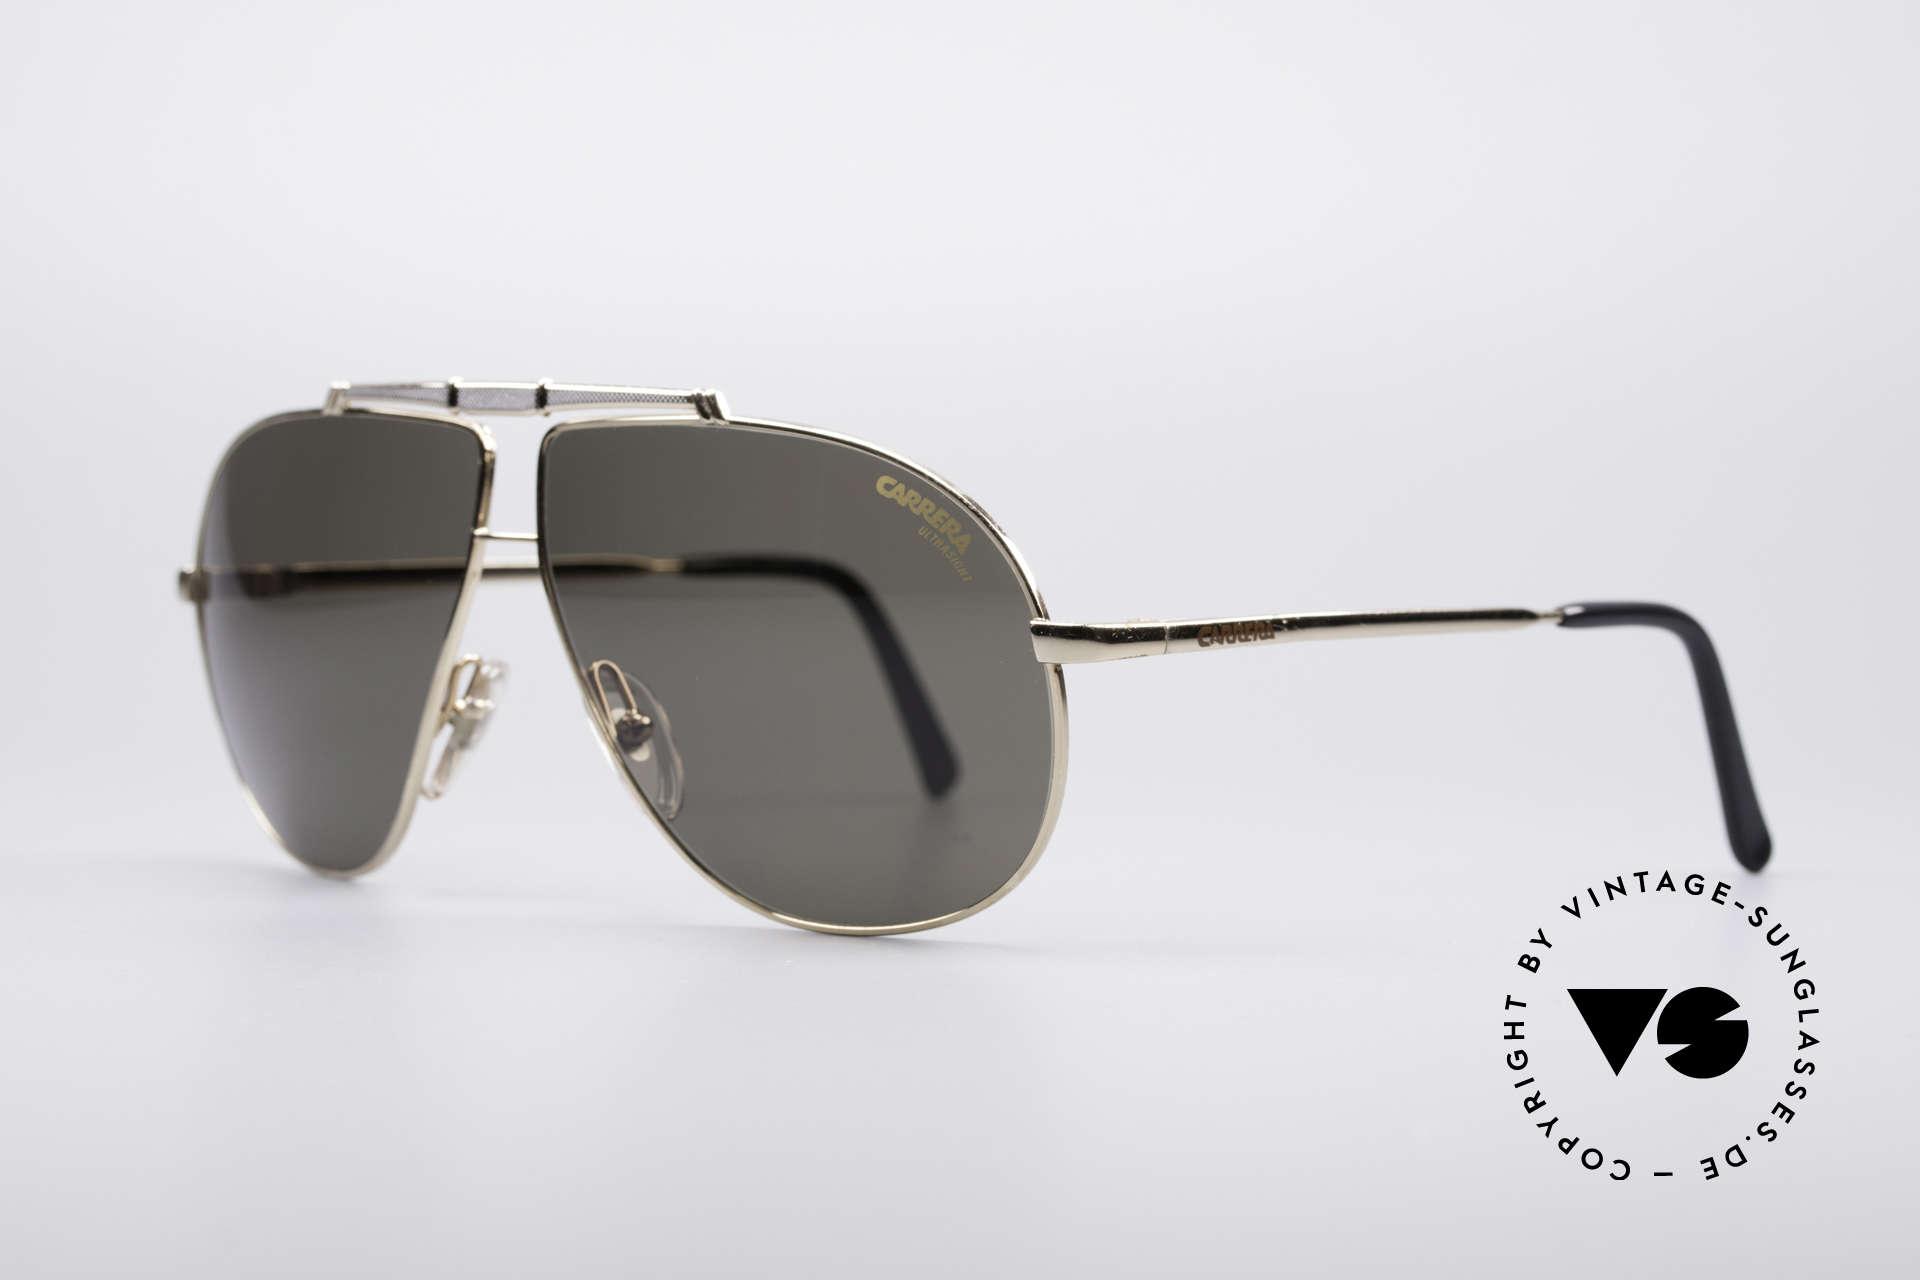 Carrera 5401 80er Pilotensonnenbrille, hochwertige Carrera ULTRASIGHT Gläser (100% UV), Passend für Herren